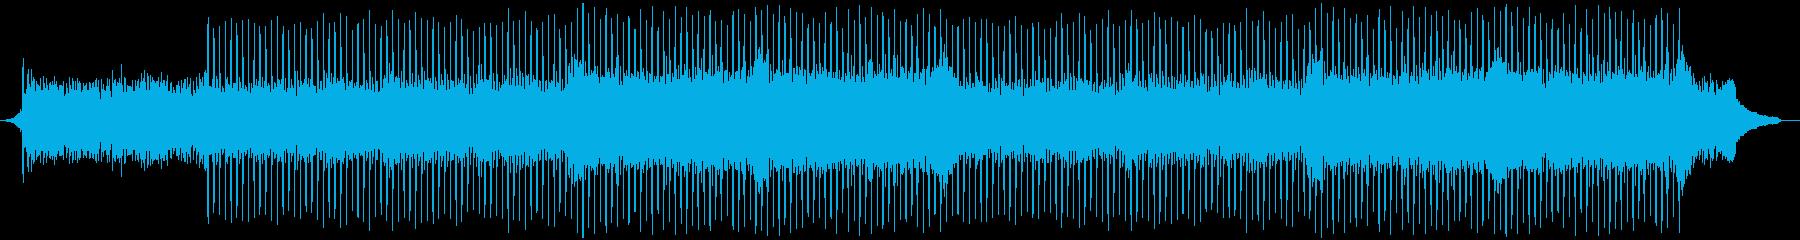 企業VP系78、爽やかピアノ、4つ打ちaの再生済みの波形